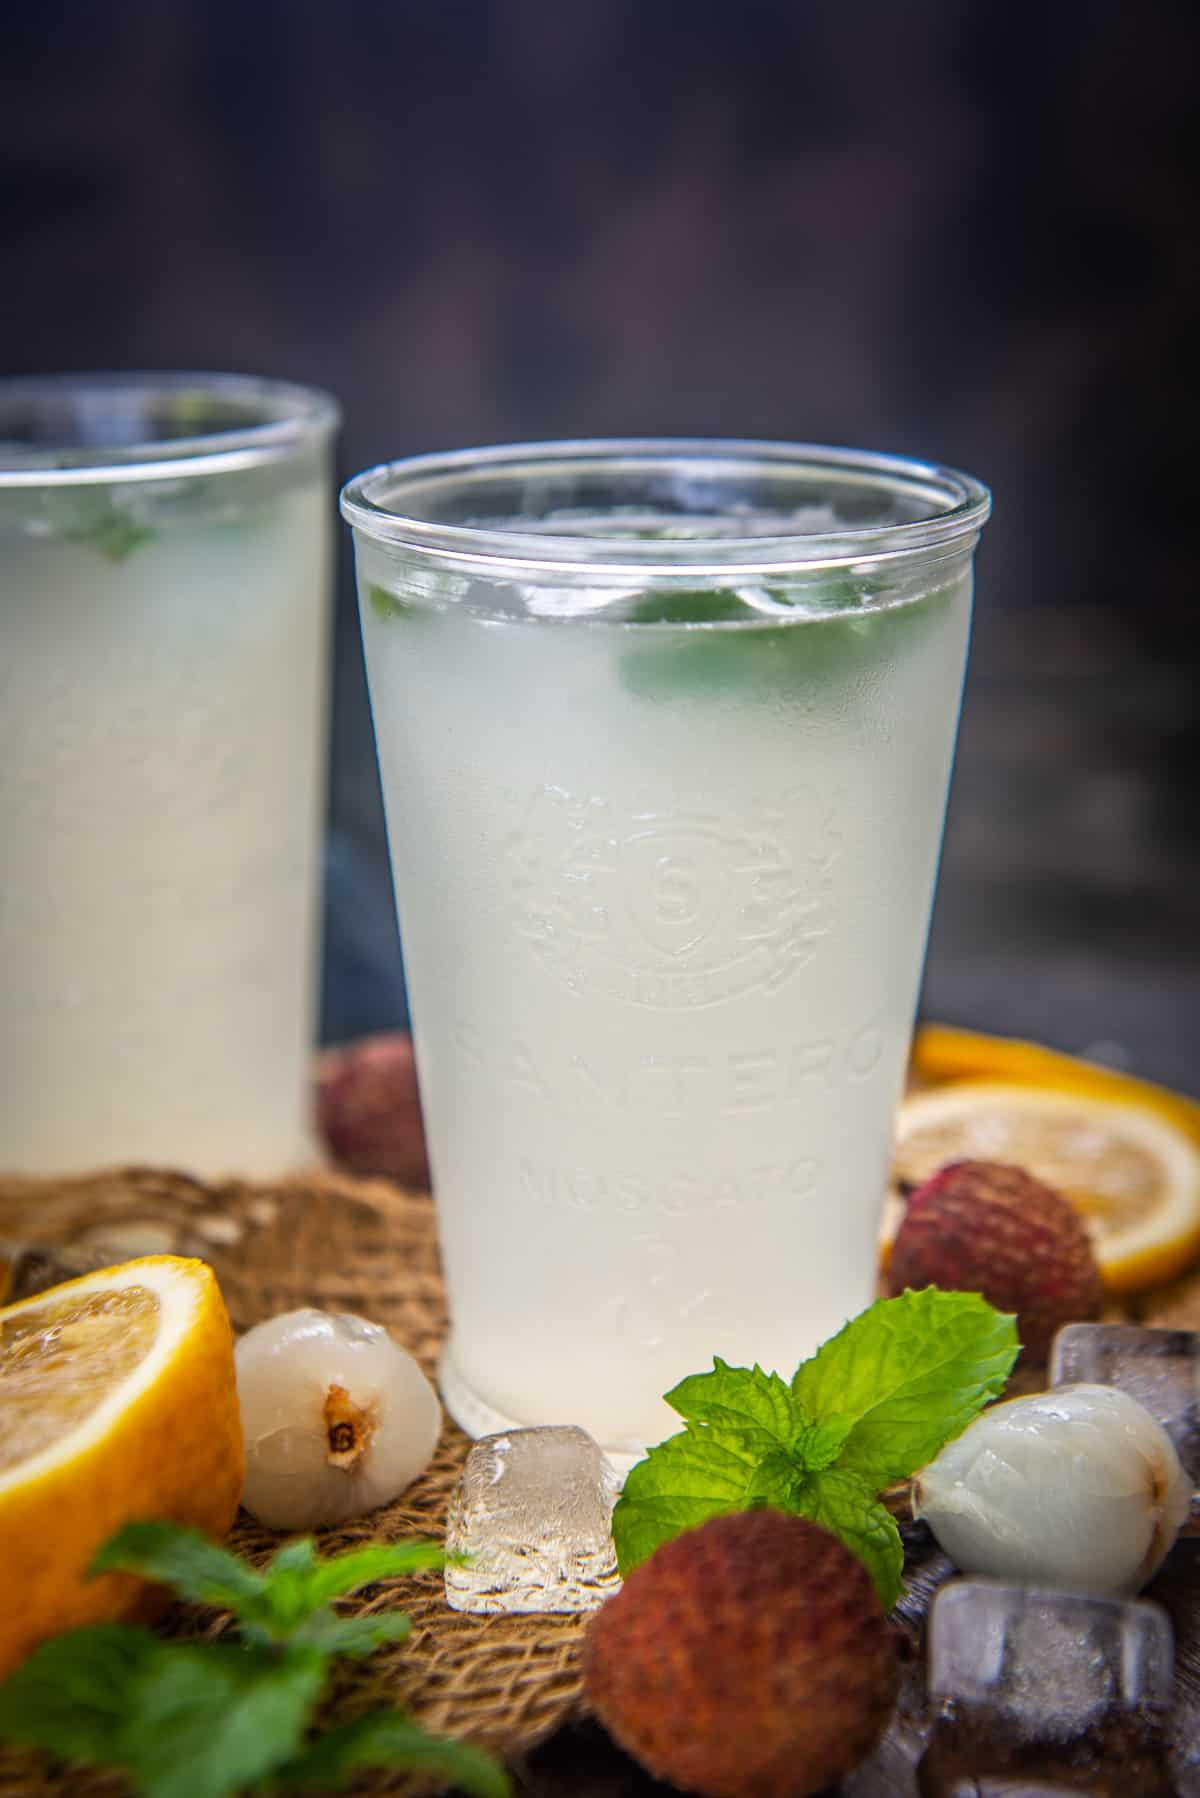 Litchi lemonade served in glasses.